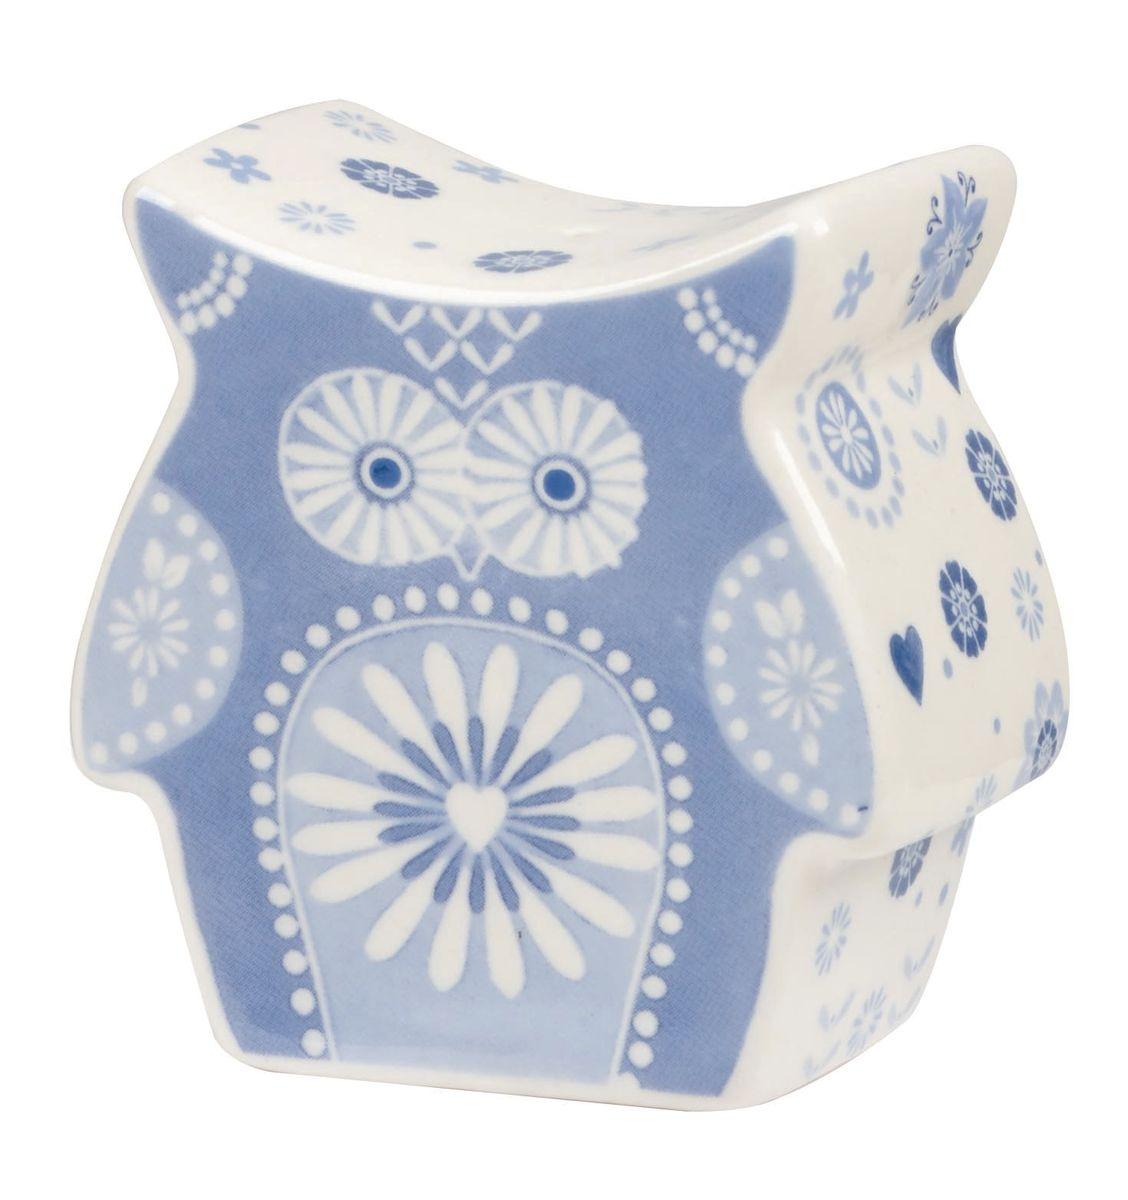 Набор для специй Churchill, 2 предмета. PENZ004914630003364517Коллекция Penzance - классическое сочетание синего и белого с народным дизайном. Материал: фарфор, фаянс, керамика.Можно мыть в посудомоечной машинеМожно использовать в микроволновой печи